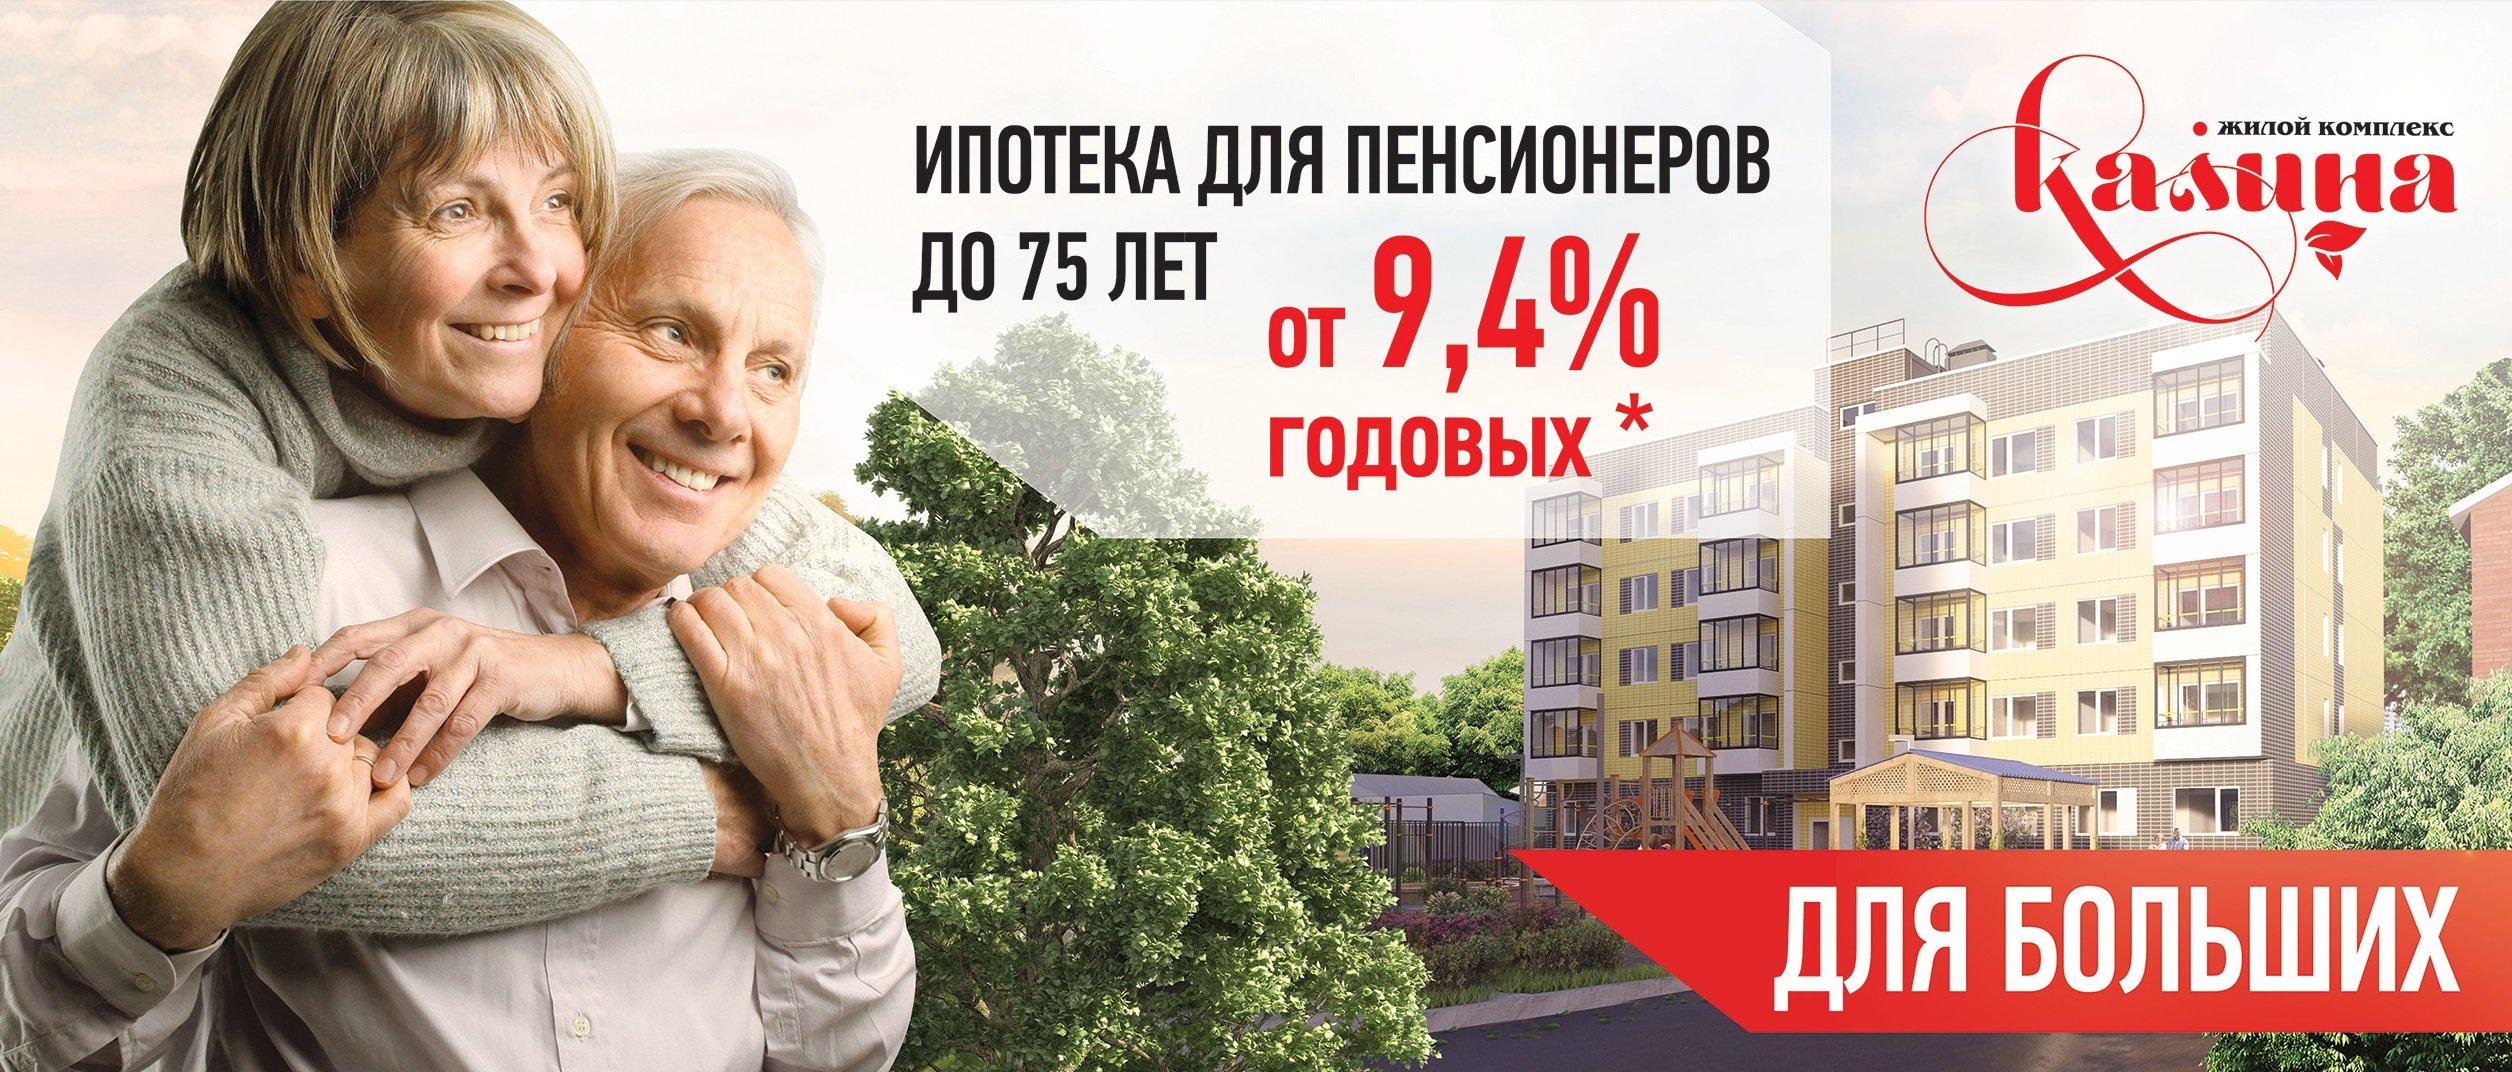 Ипотека пенсионерам до 75 лет